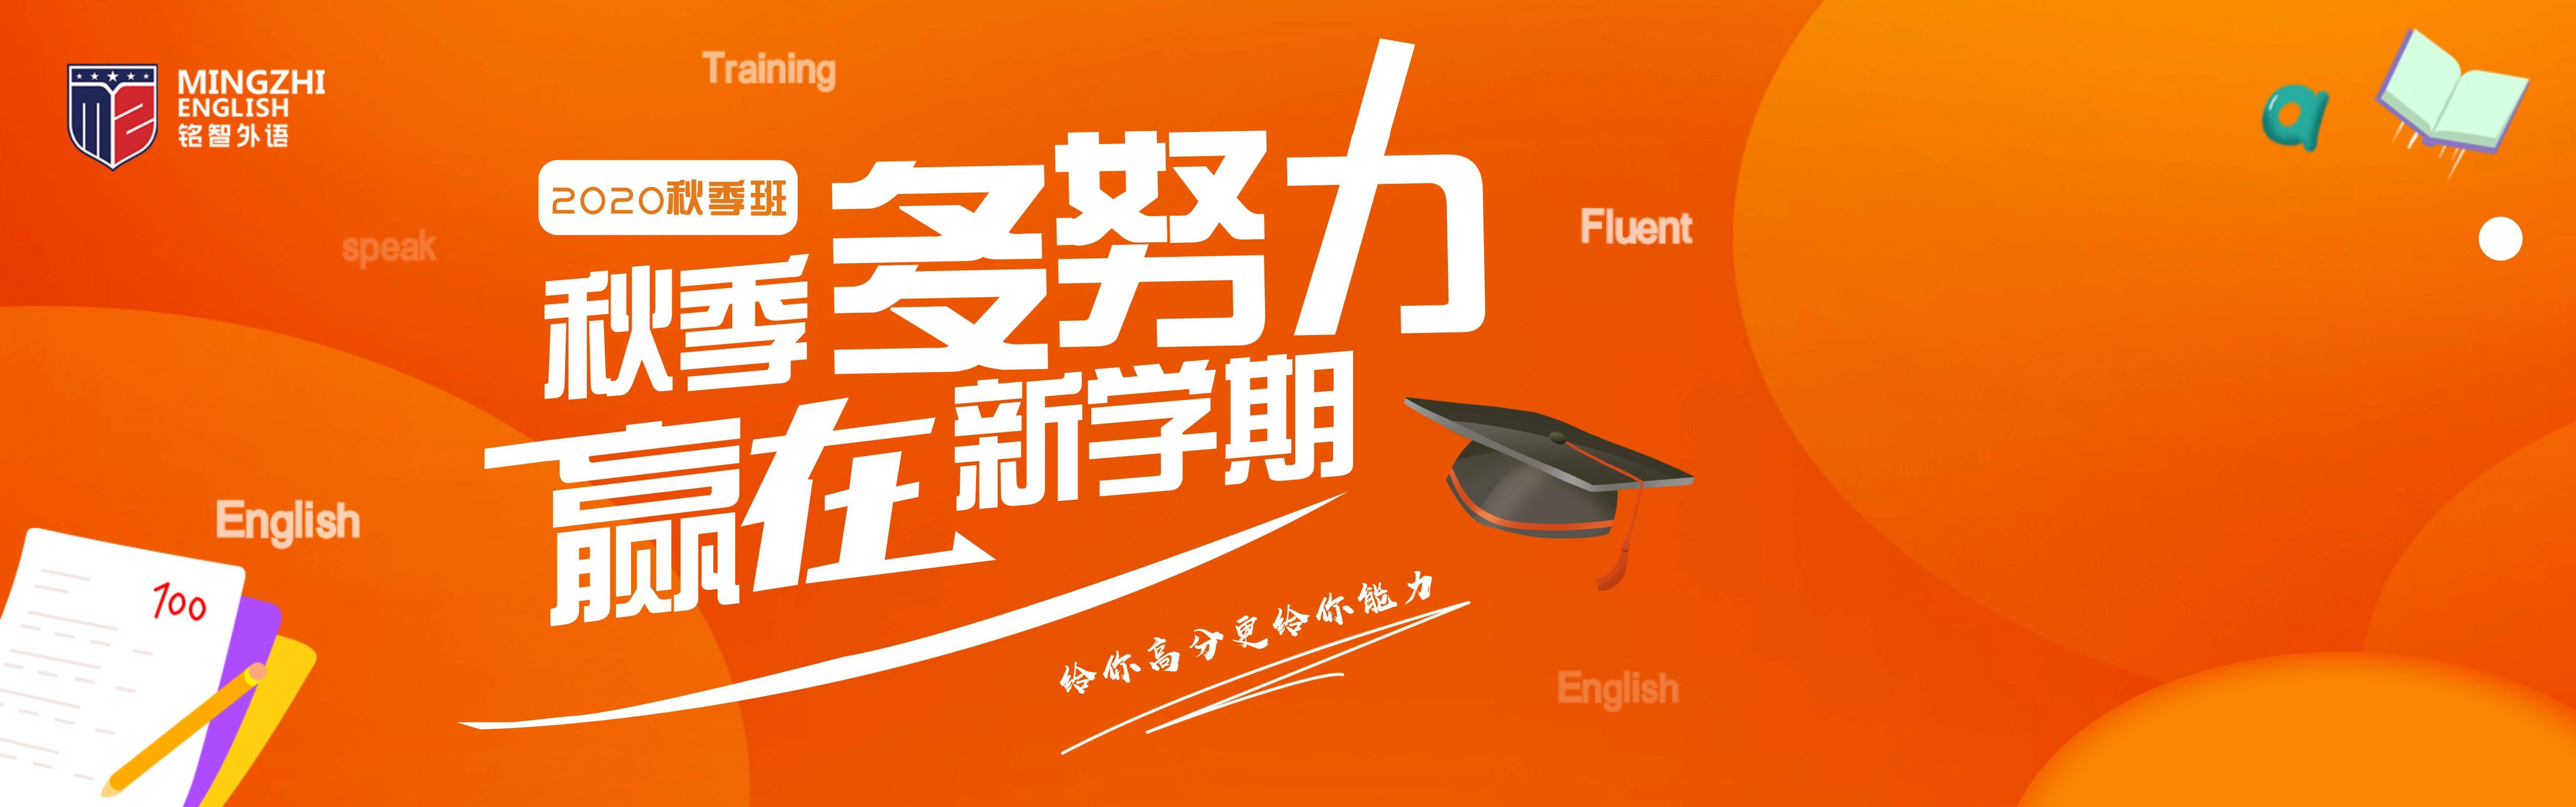 留学英语培训